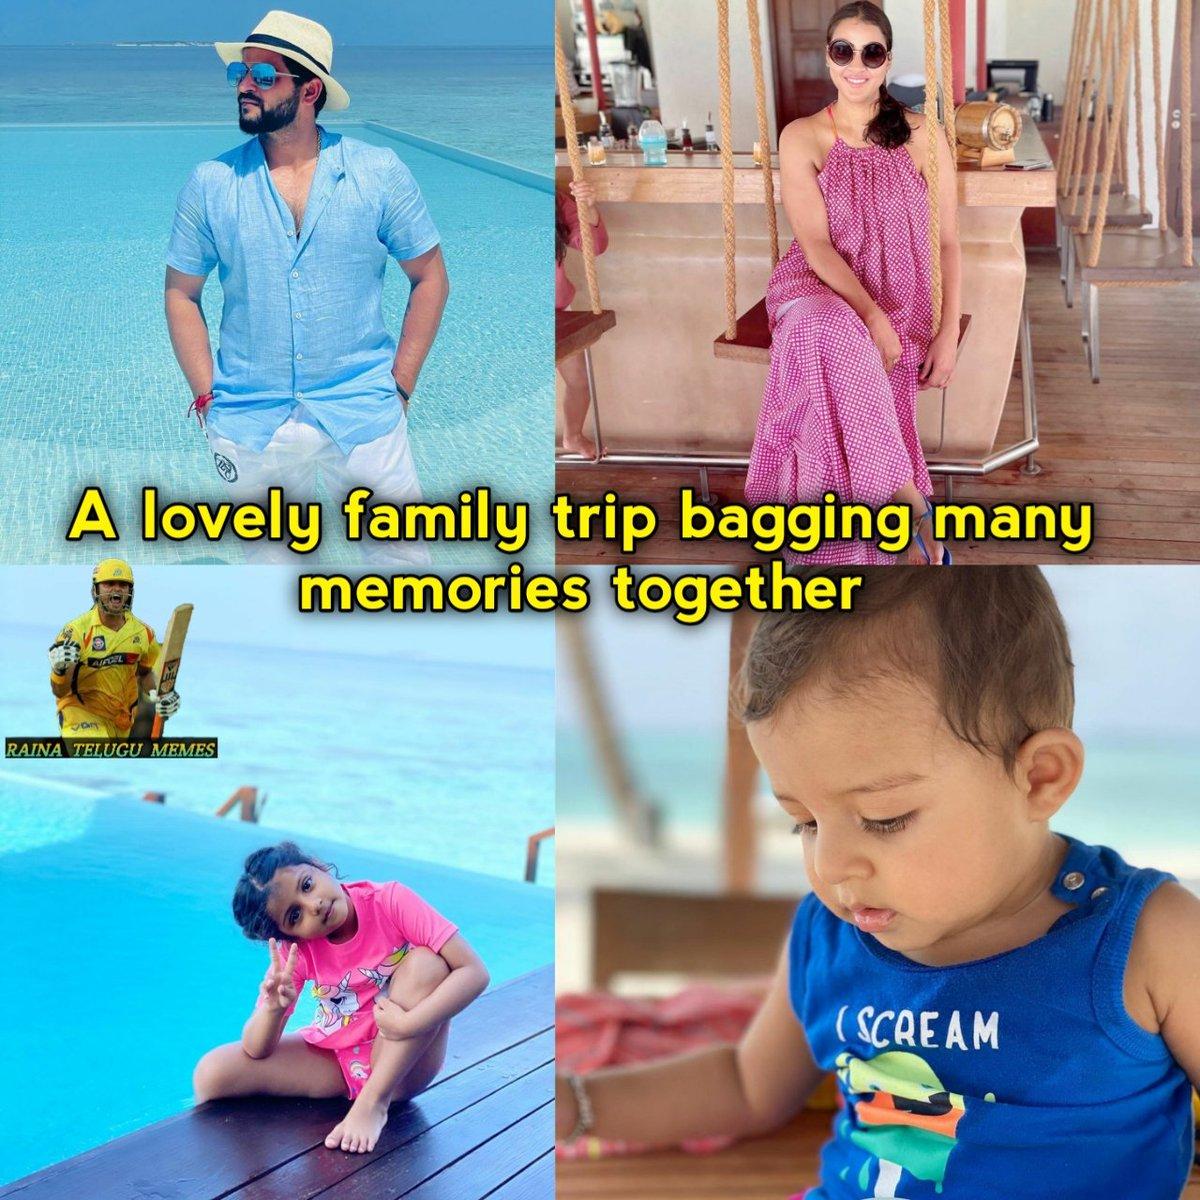 Family ❤ #sureshraina #raina #chinnathala #mripl #priyankaraina #graciaraina #rioraina